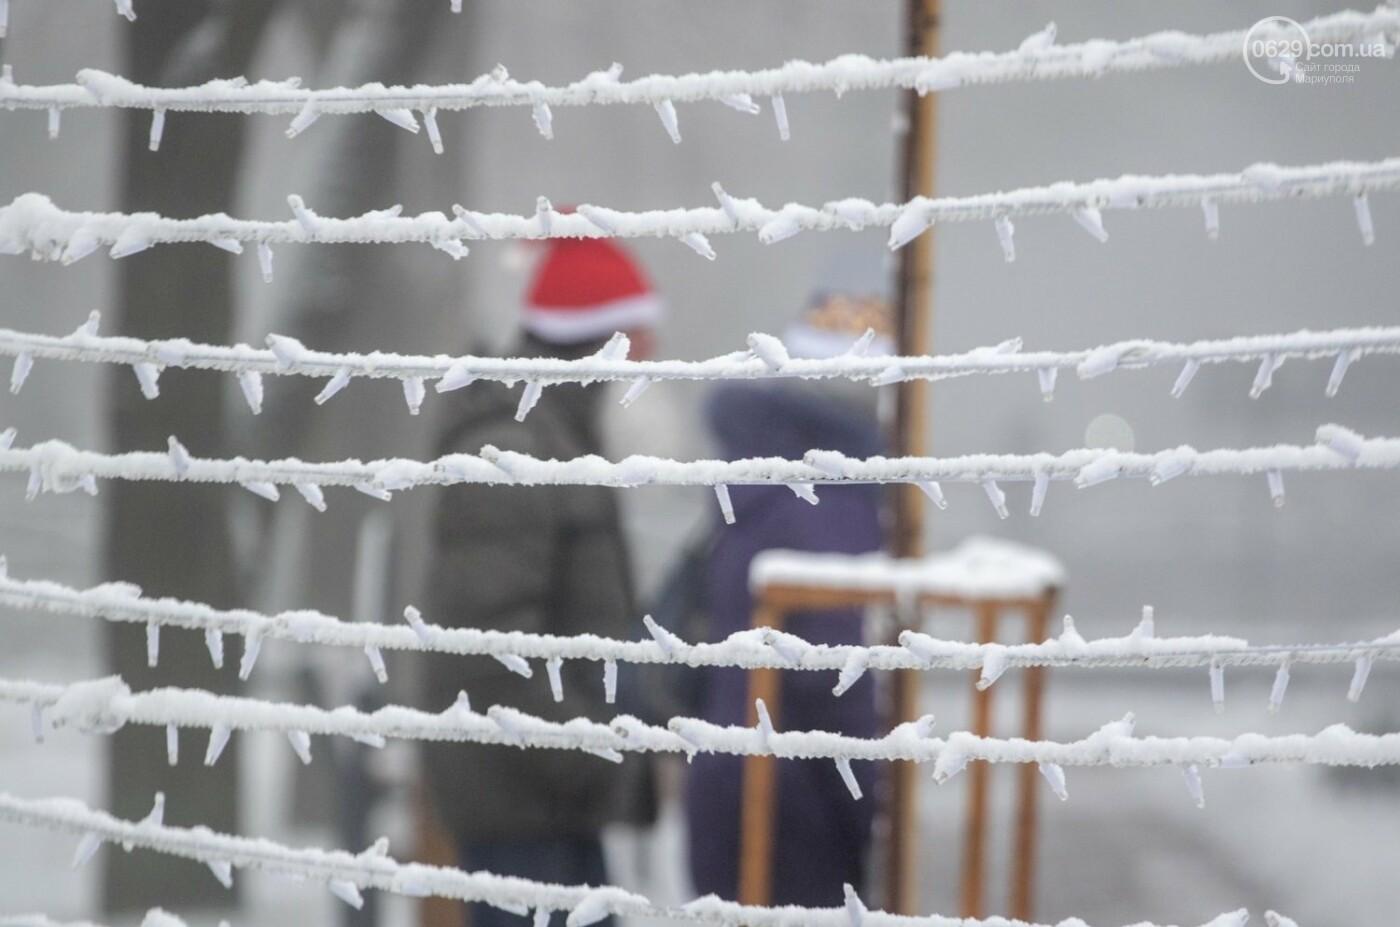 38 фотографий, одна ворона и одна синица... ФОТОРЕПОРТАЖ для тех, кто проспал первый настоящий снег, фото-17